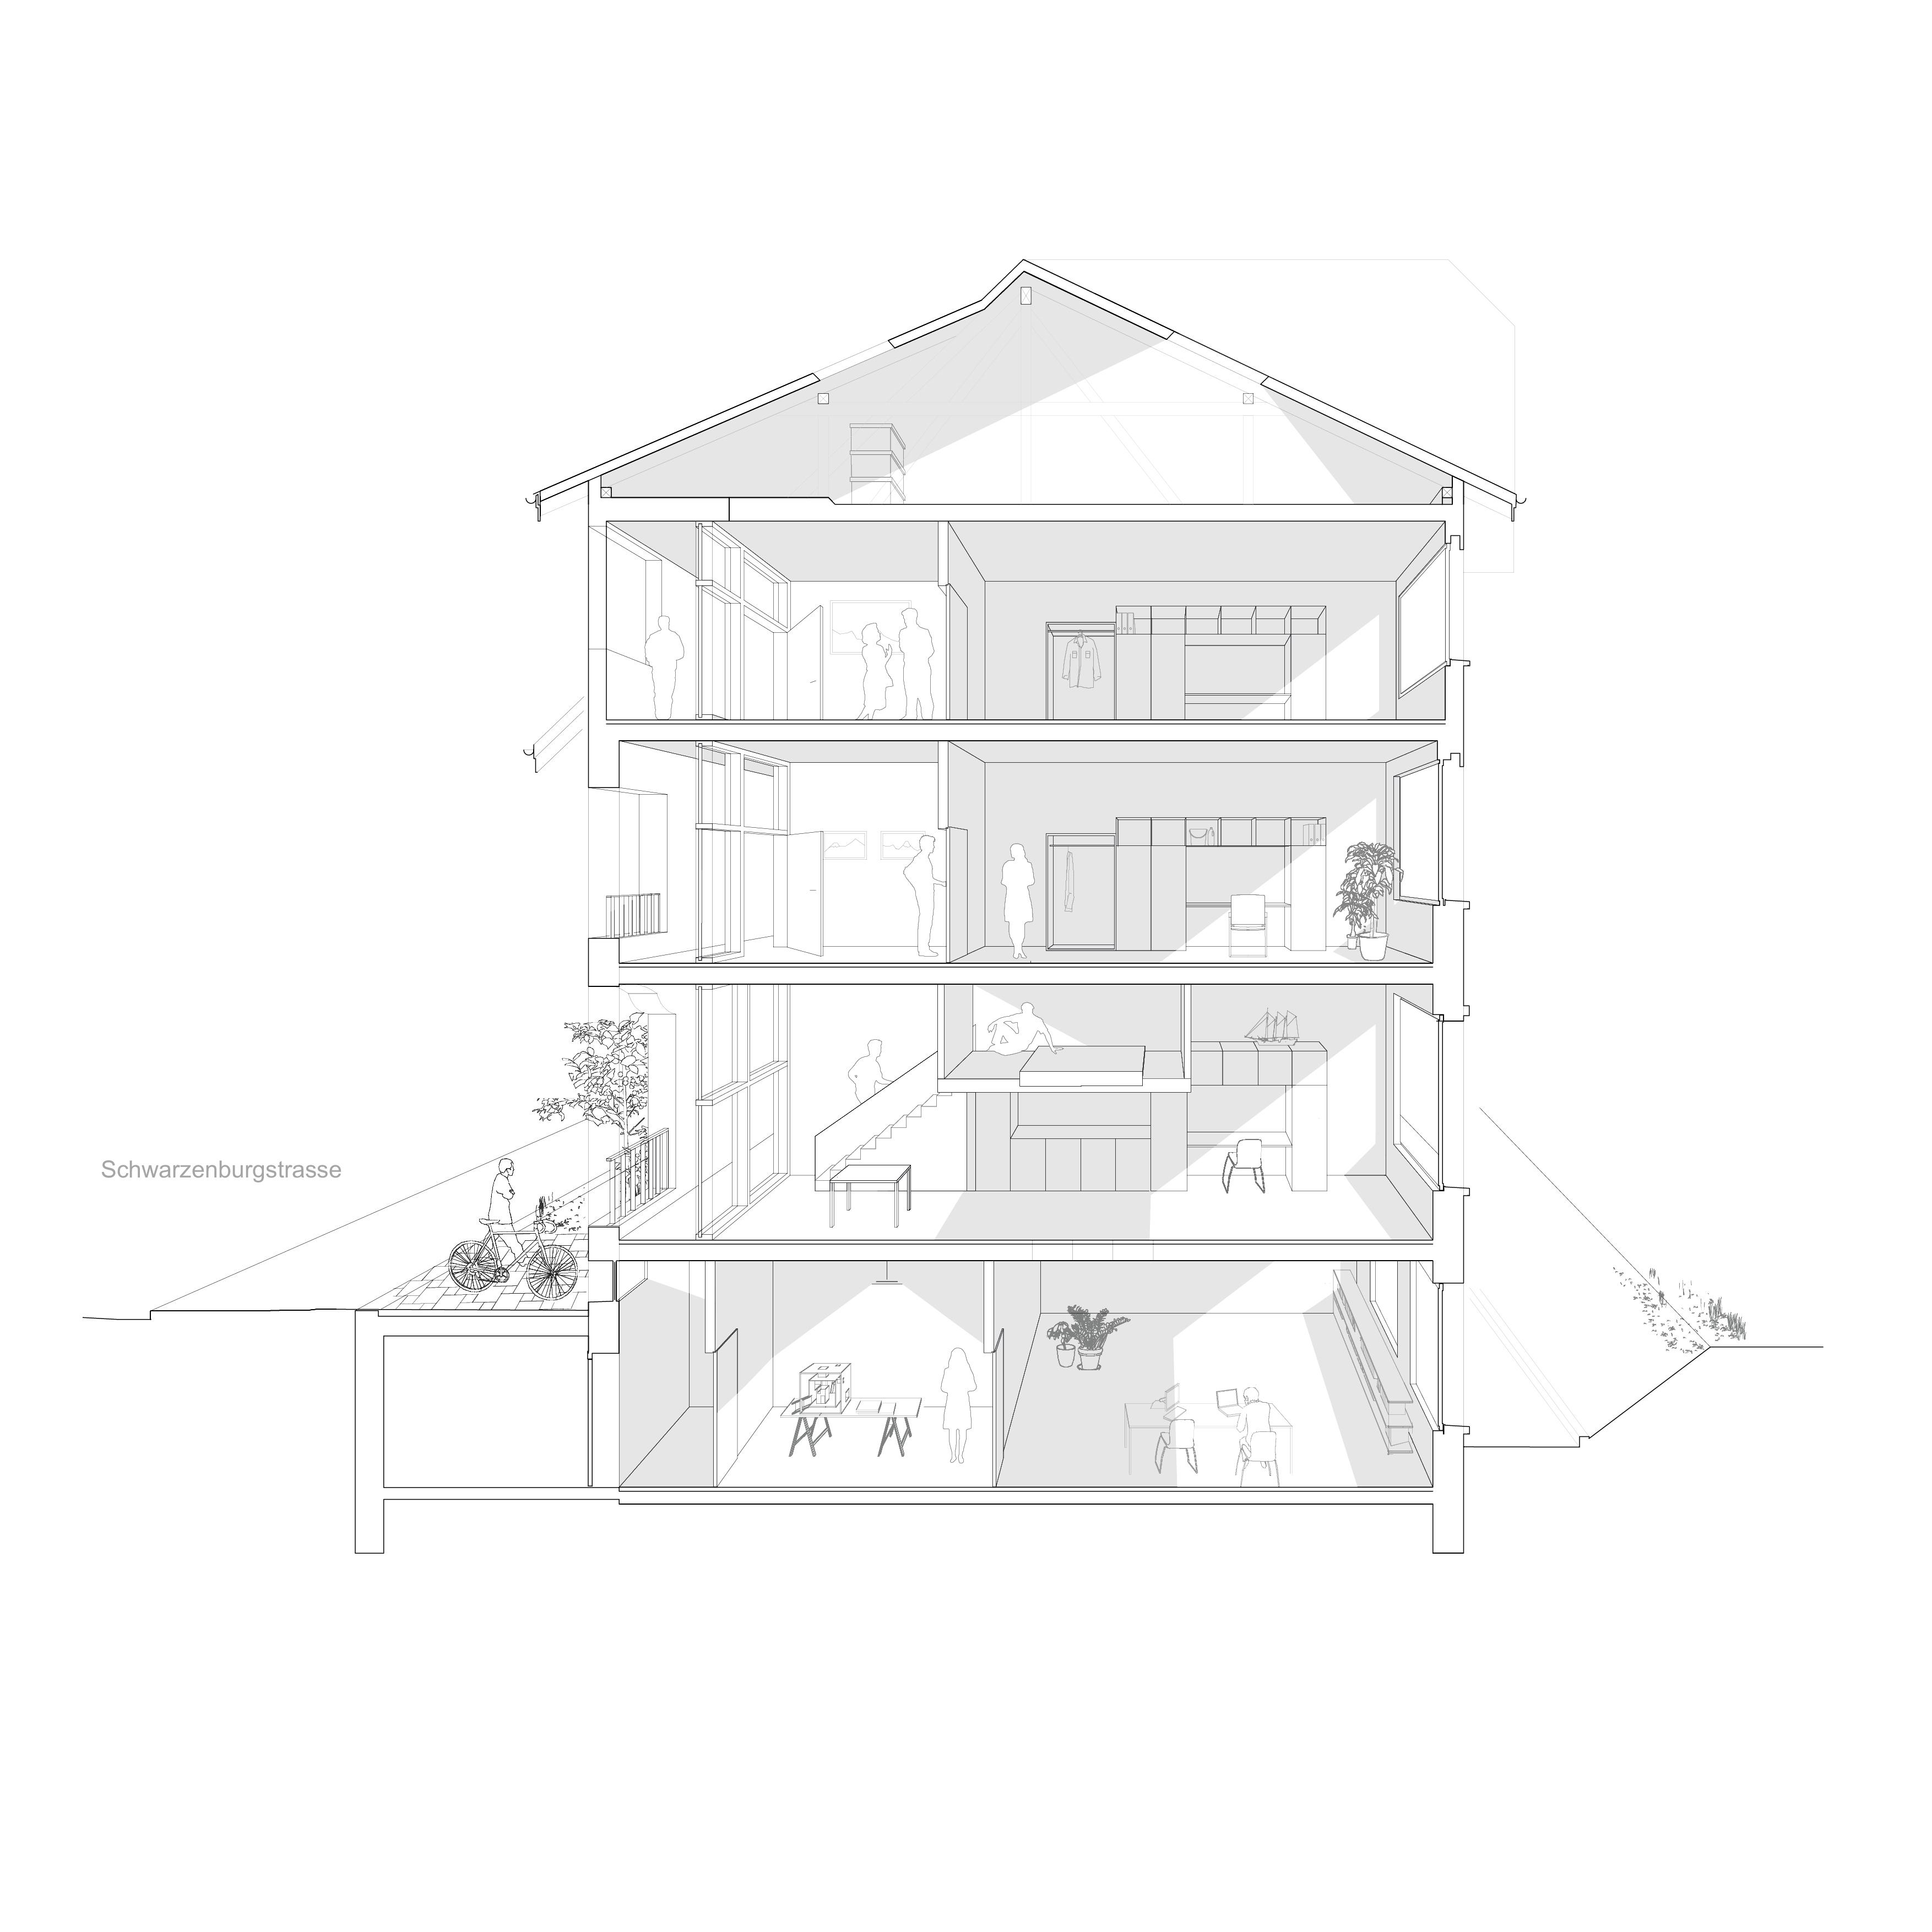 Atmosphaerischer Schnitt Apart Architektur Ag